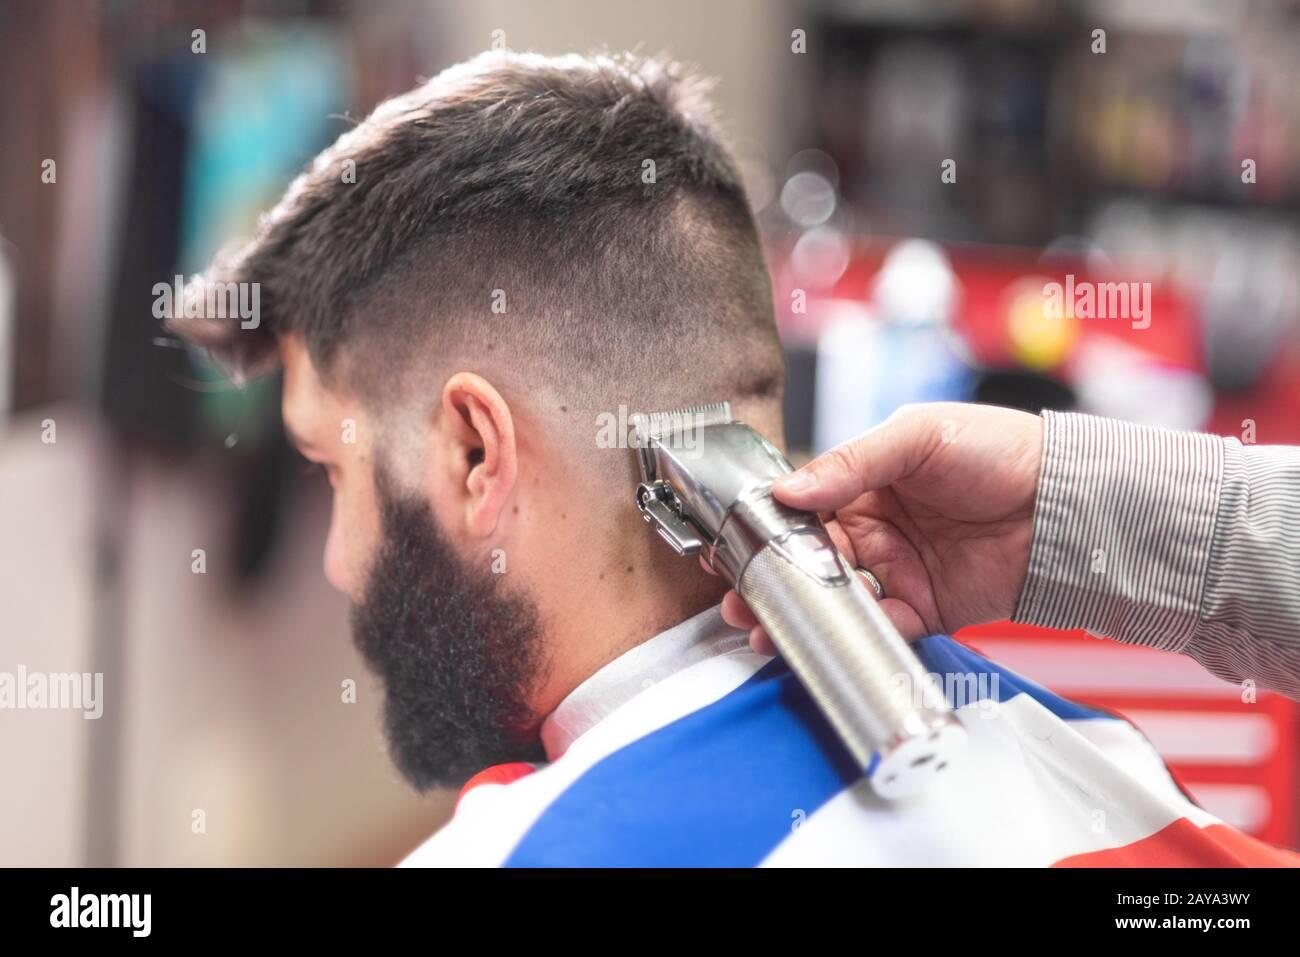 Apuesto hombre barbado, obtención de corte de pelo Barber, con recortador eléctrico en la barbería. Foto de stock